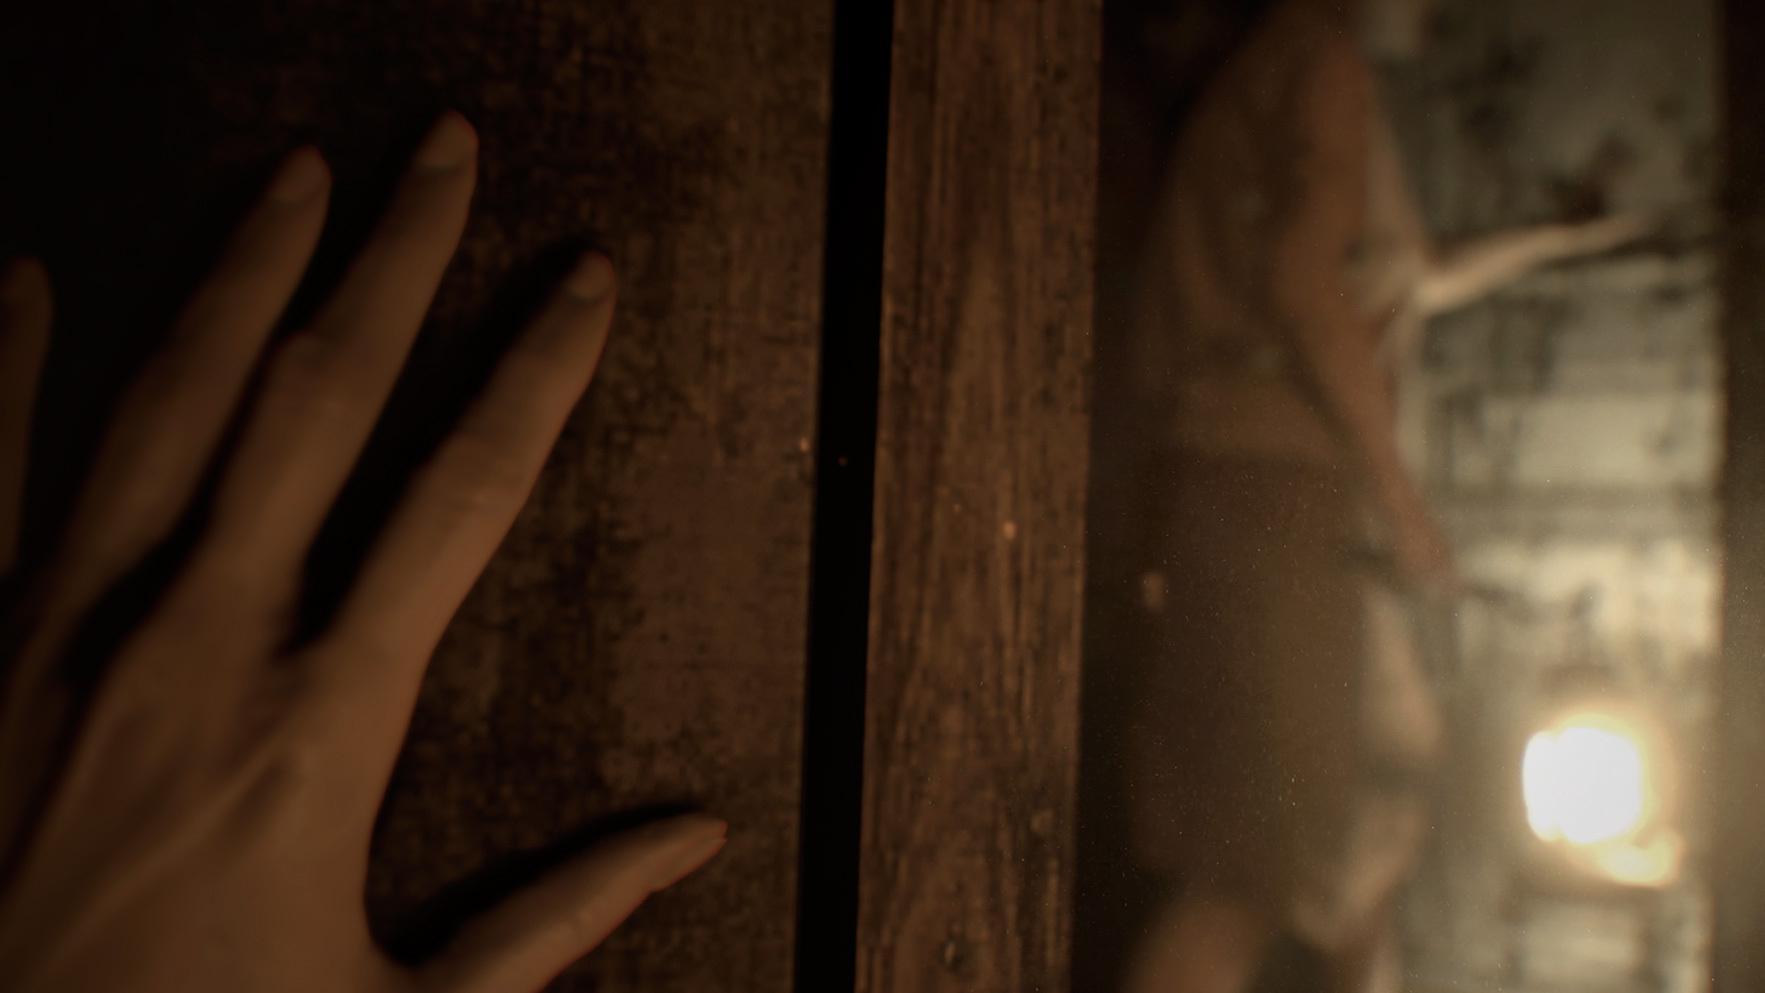 Mitunter setzt der Spieler in Resident Evil 7 auch Waffen ein, doch zumeist flieht er vor den irren Bewohnern, die ihn im Anwesen auflauern.